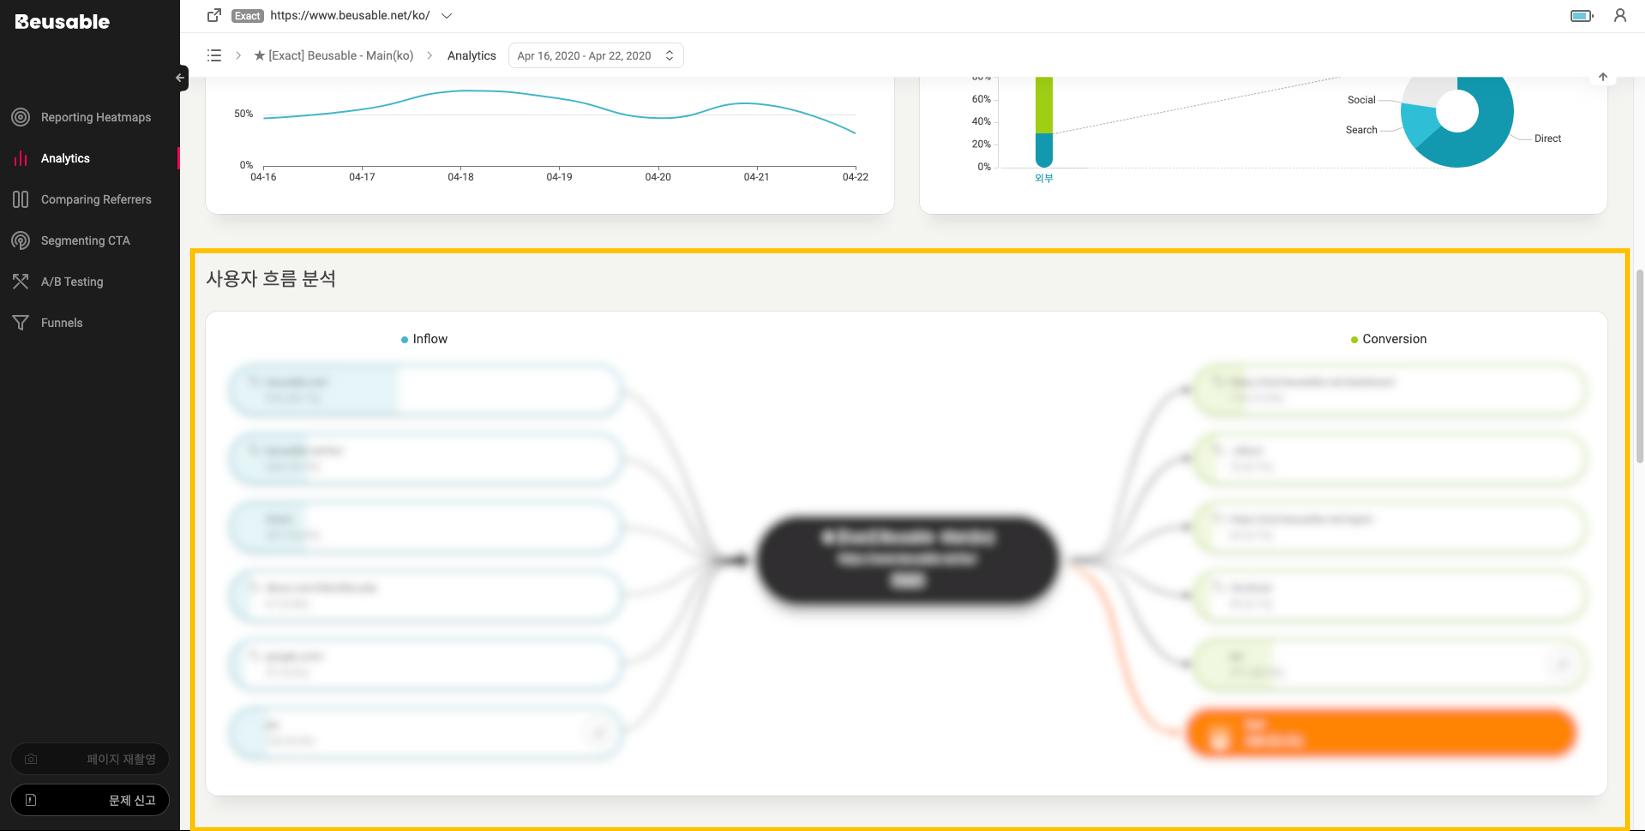 뷰저블 좌측 메뉴 중 Analytics에서 사용자 흐름 분석 기능을 보여주는 화면입니다.